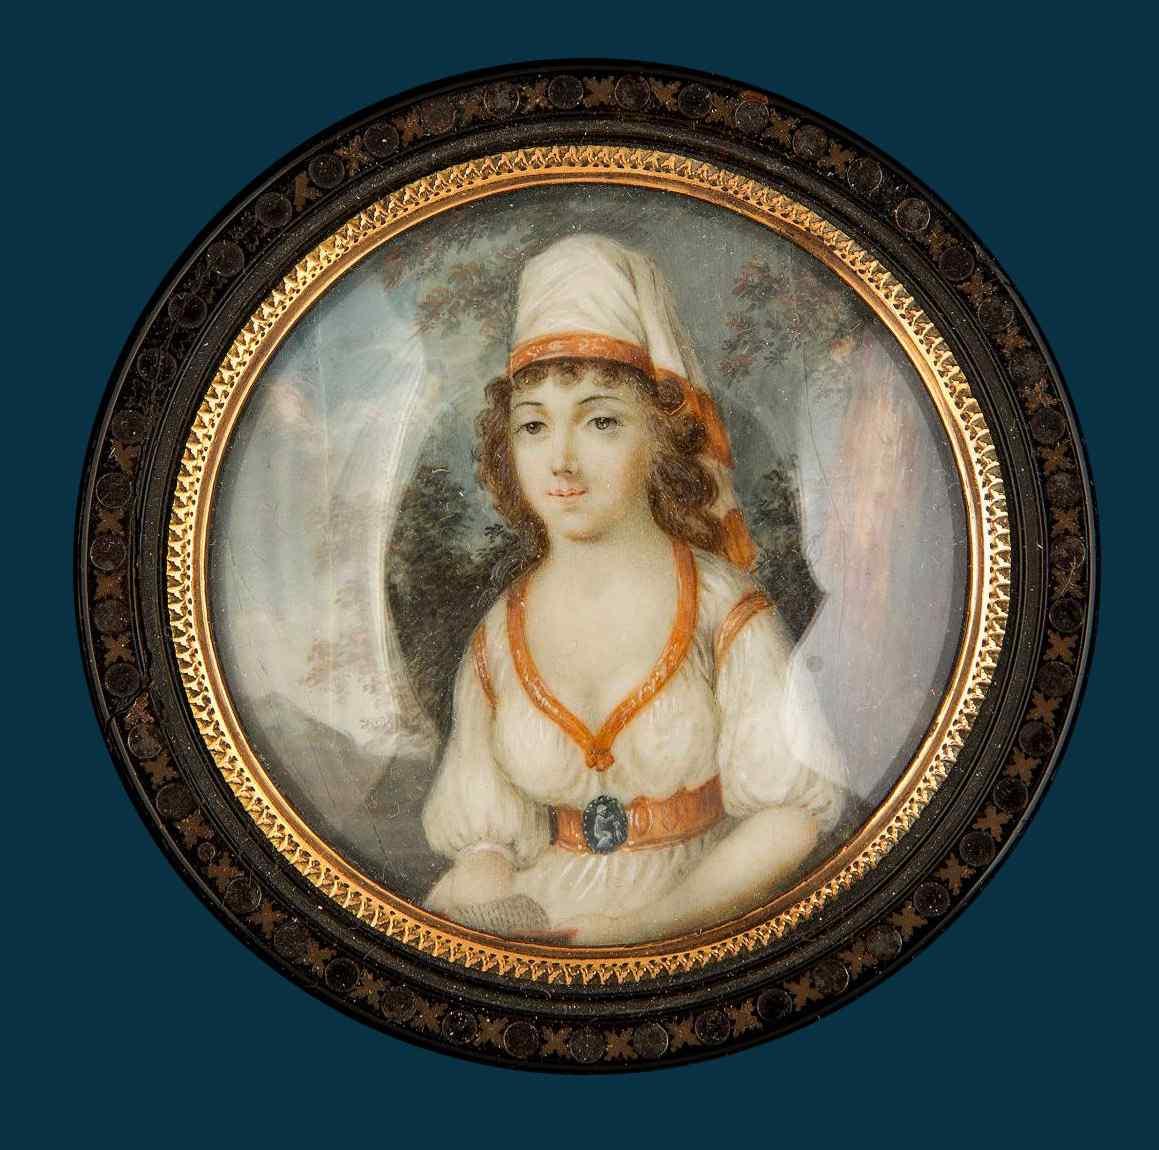 Ecole française, Portrait d'une dame, miniature